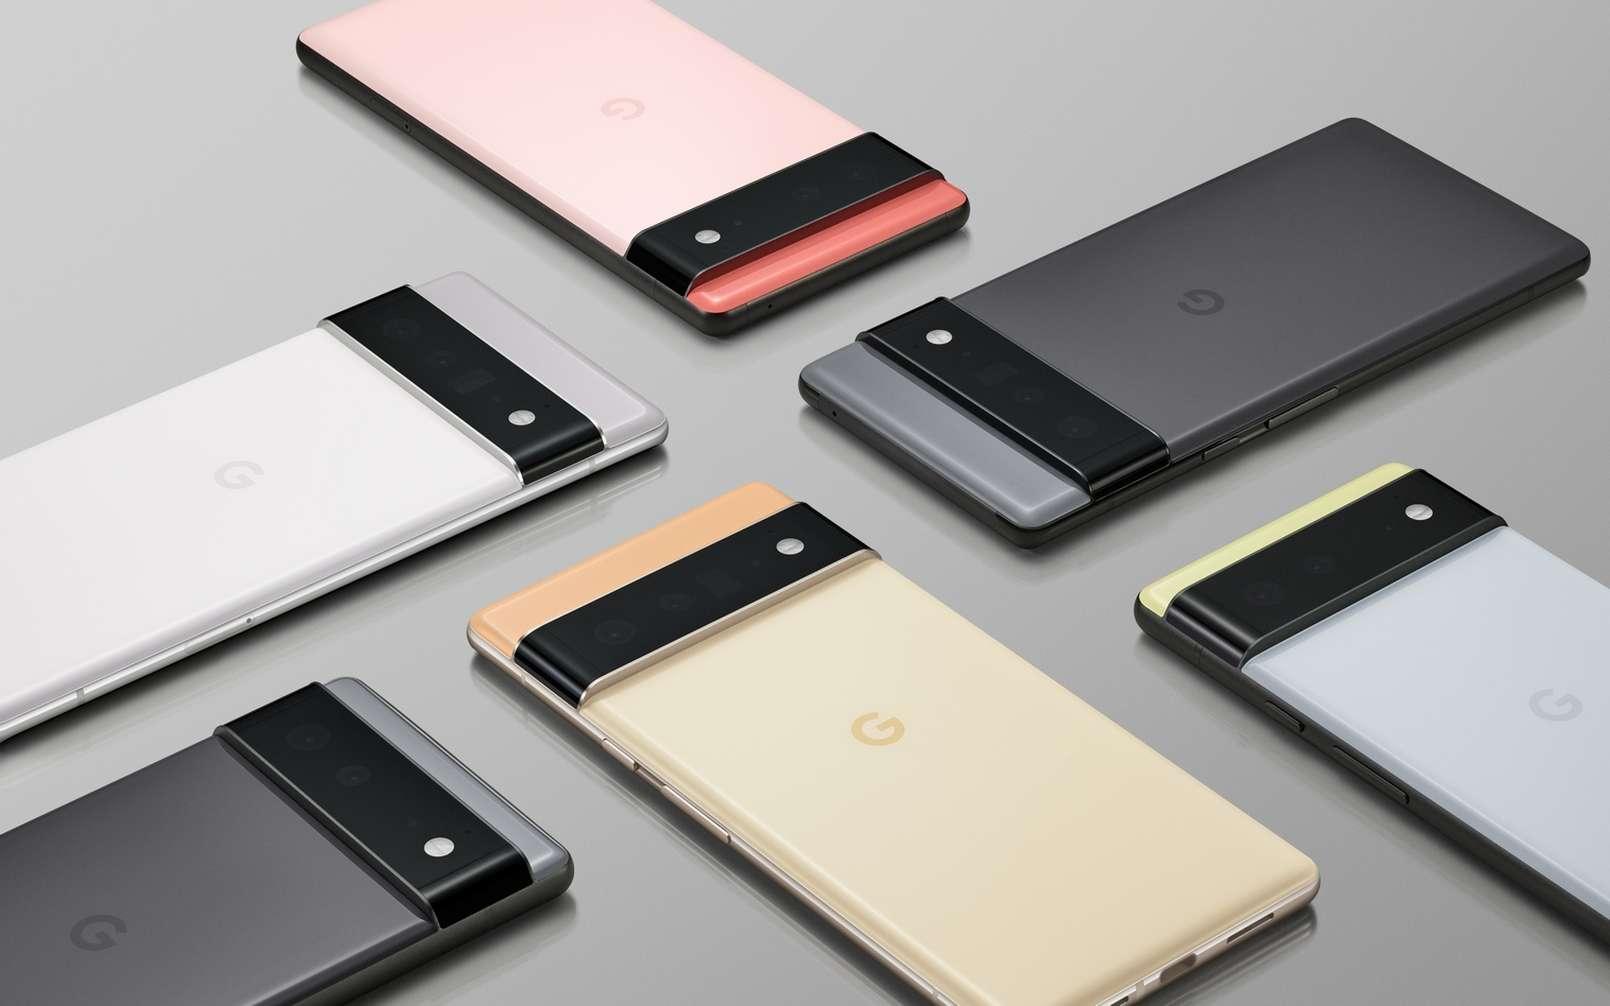 Les Google Pixel 6 et Pixel 6 Pro seront déclinés en plusieurs coloris. Espérons que le marché français y aura droit cette année ! © Google